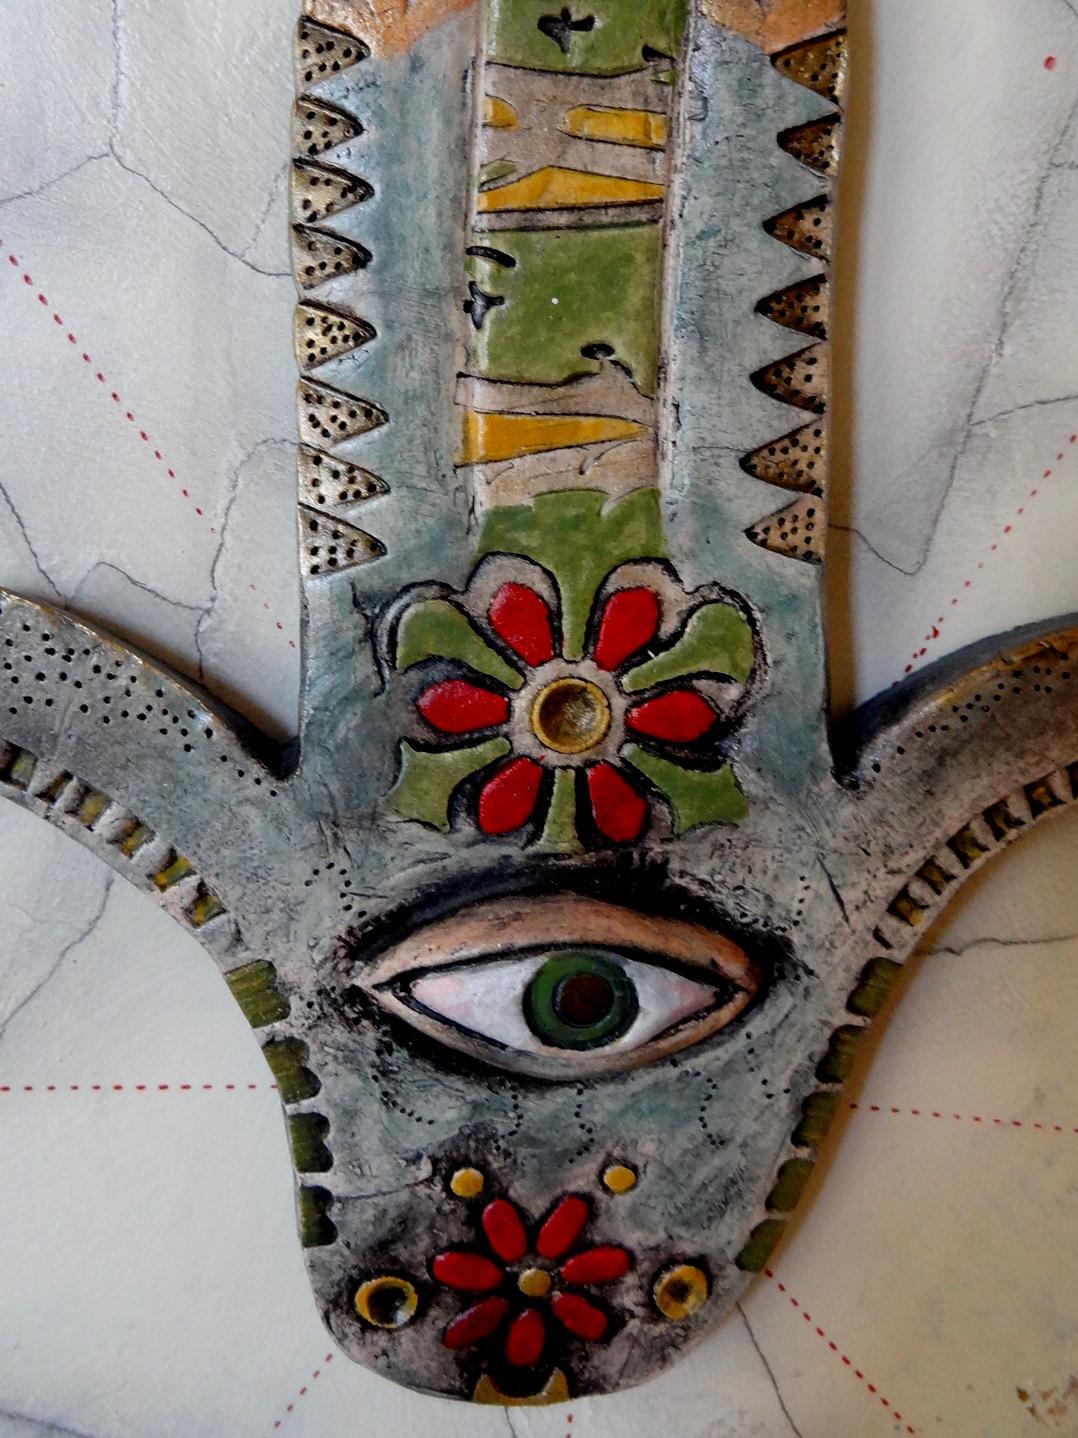 Fatima hand1 - 02